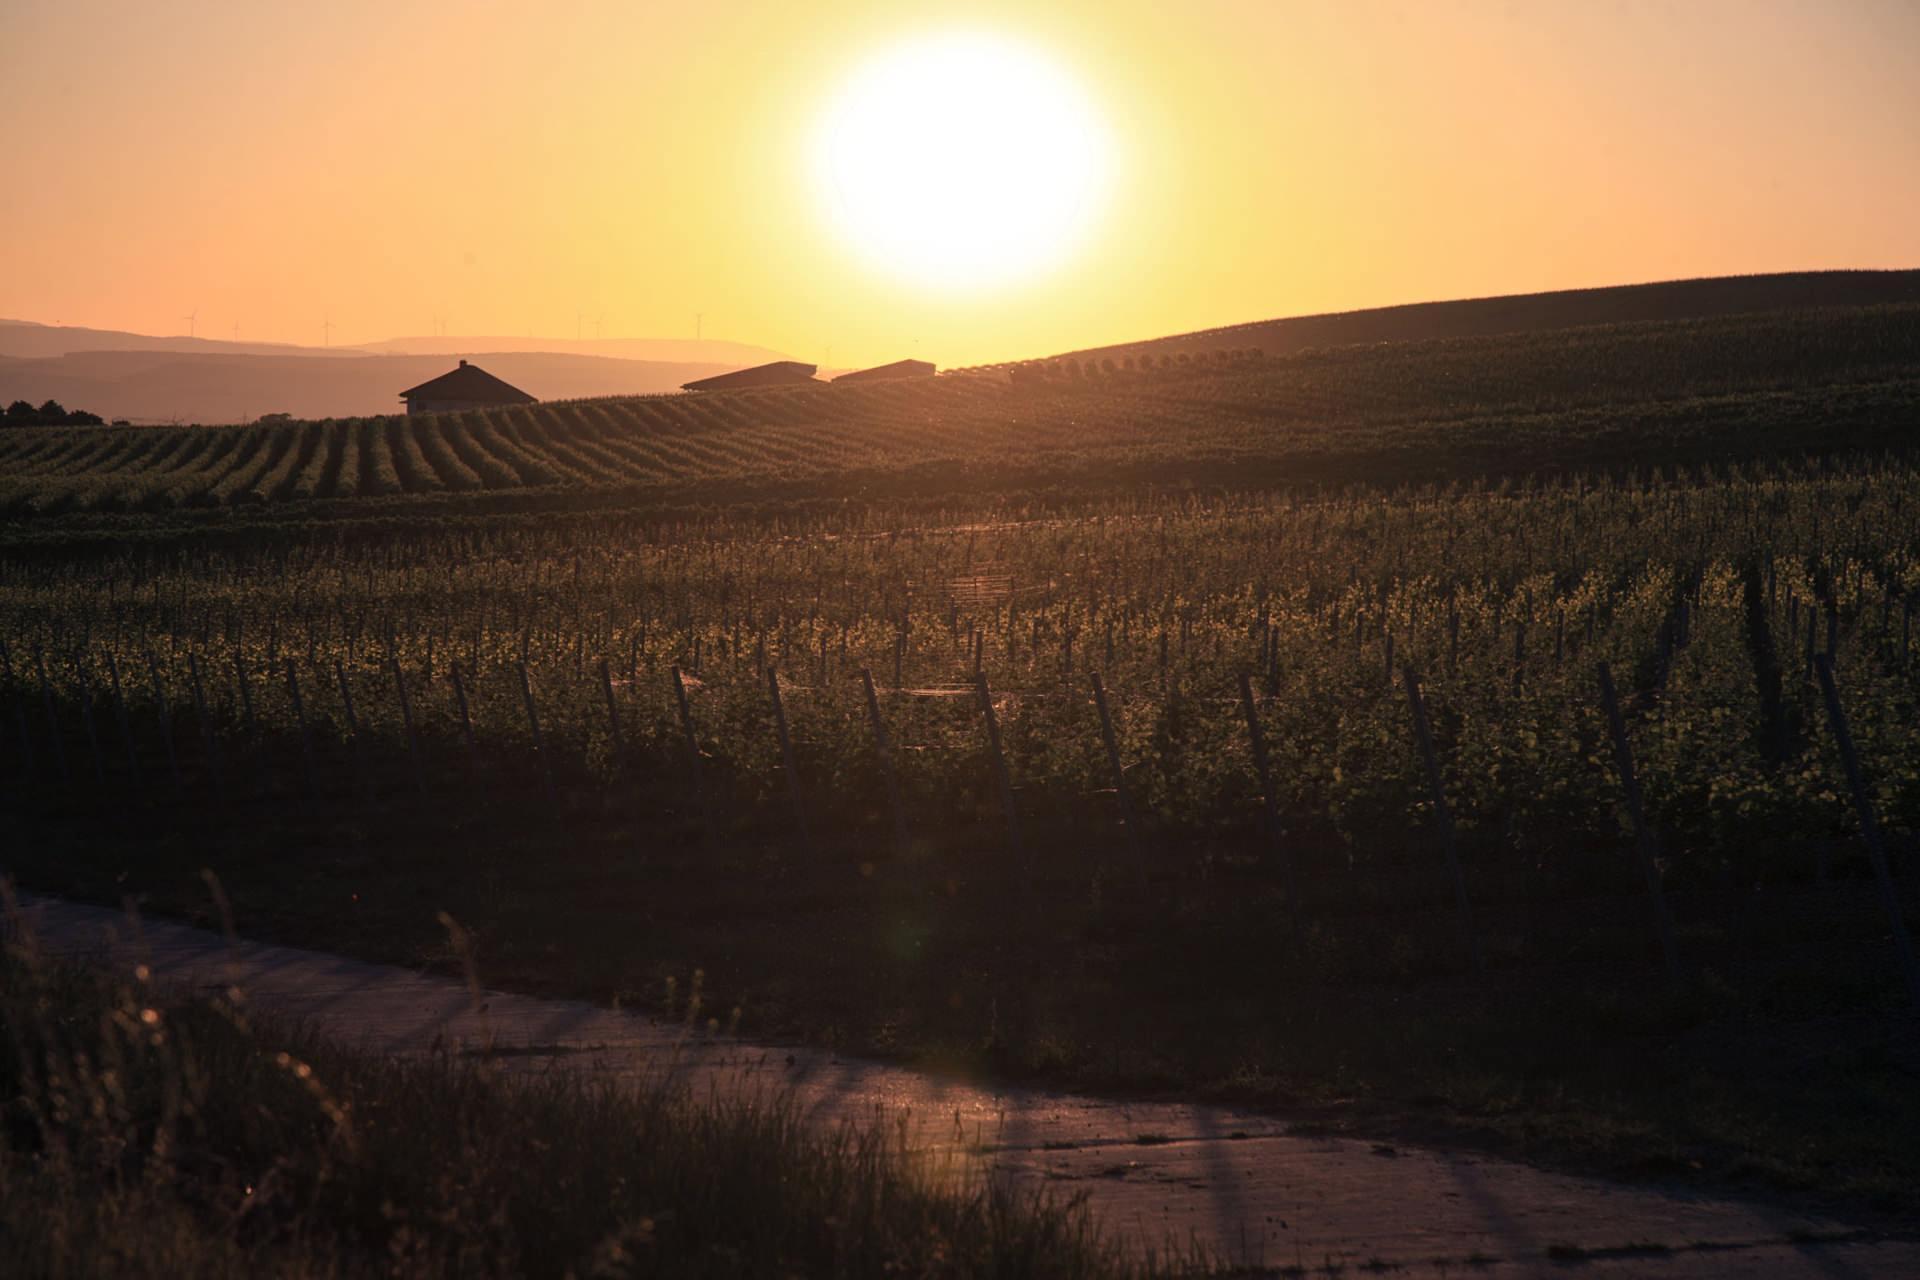 Weinberge in Rheinhessen in der Abendsonne